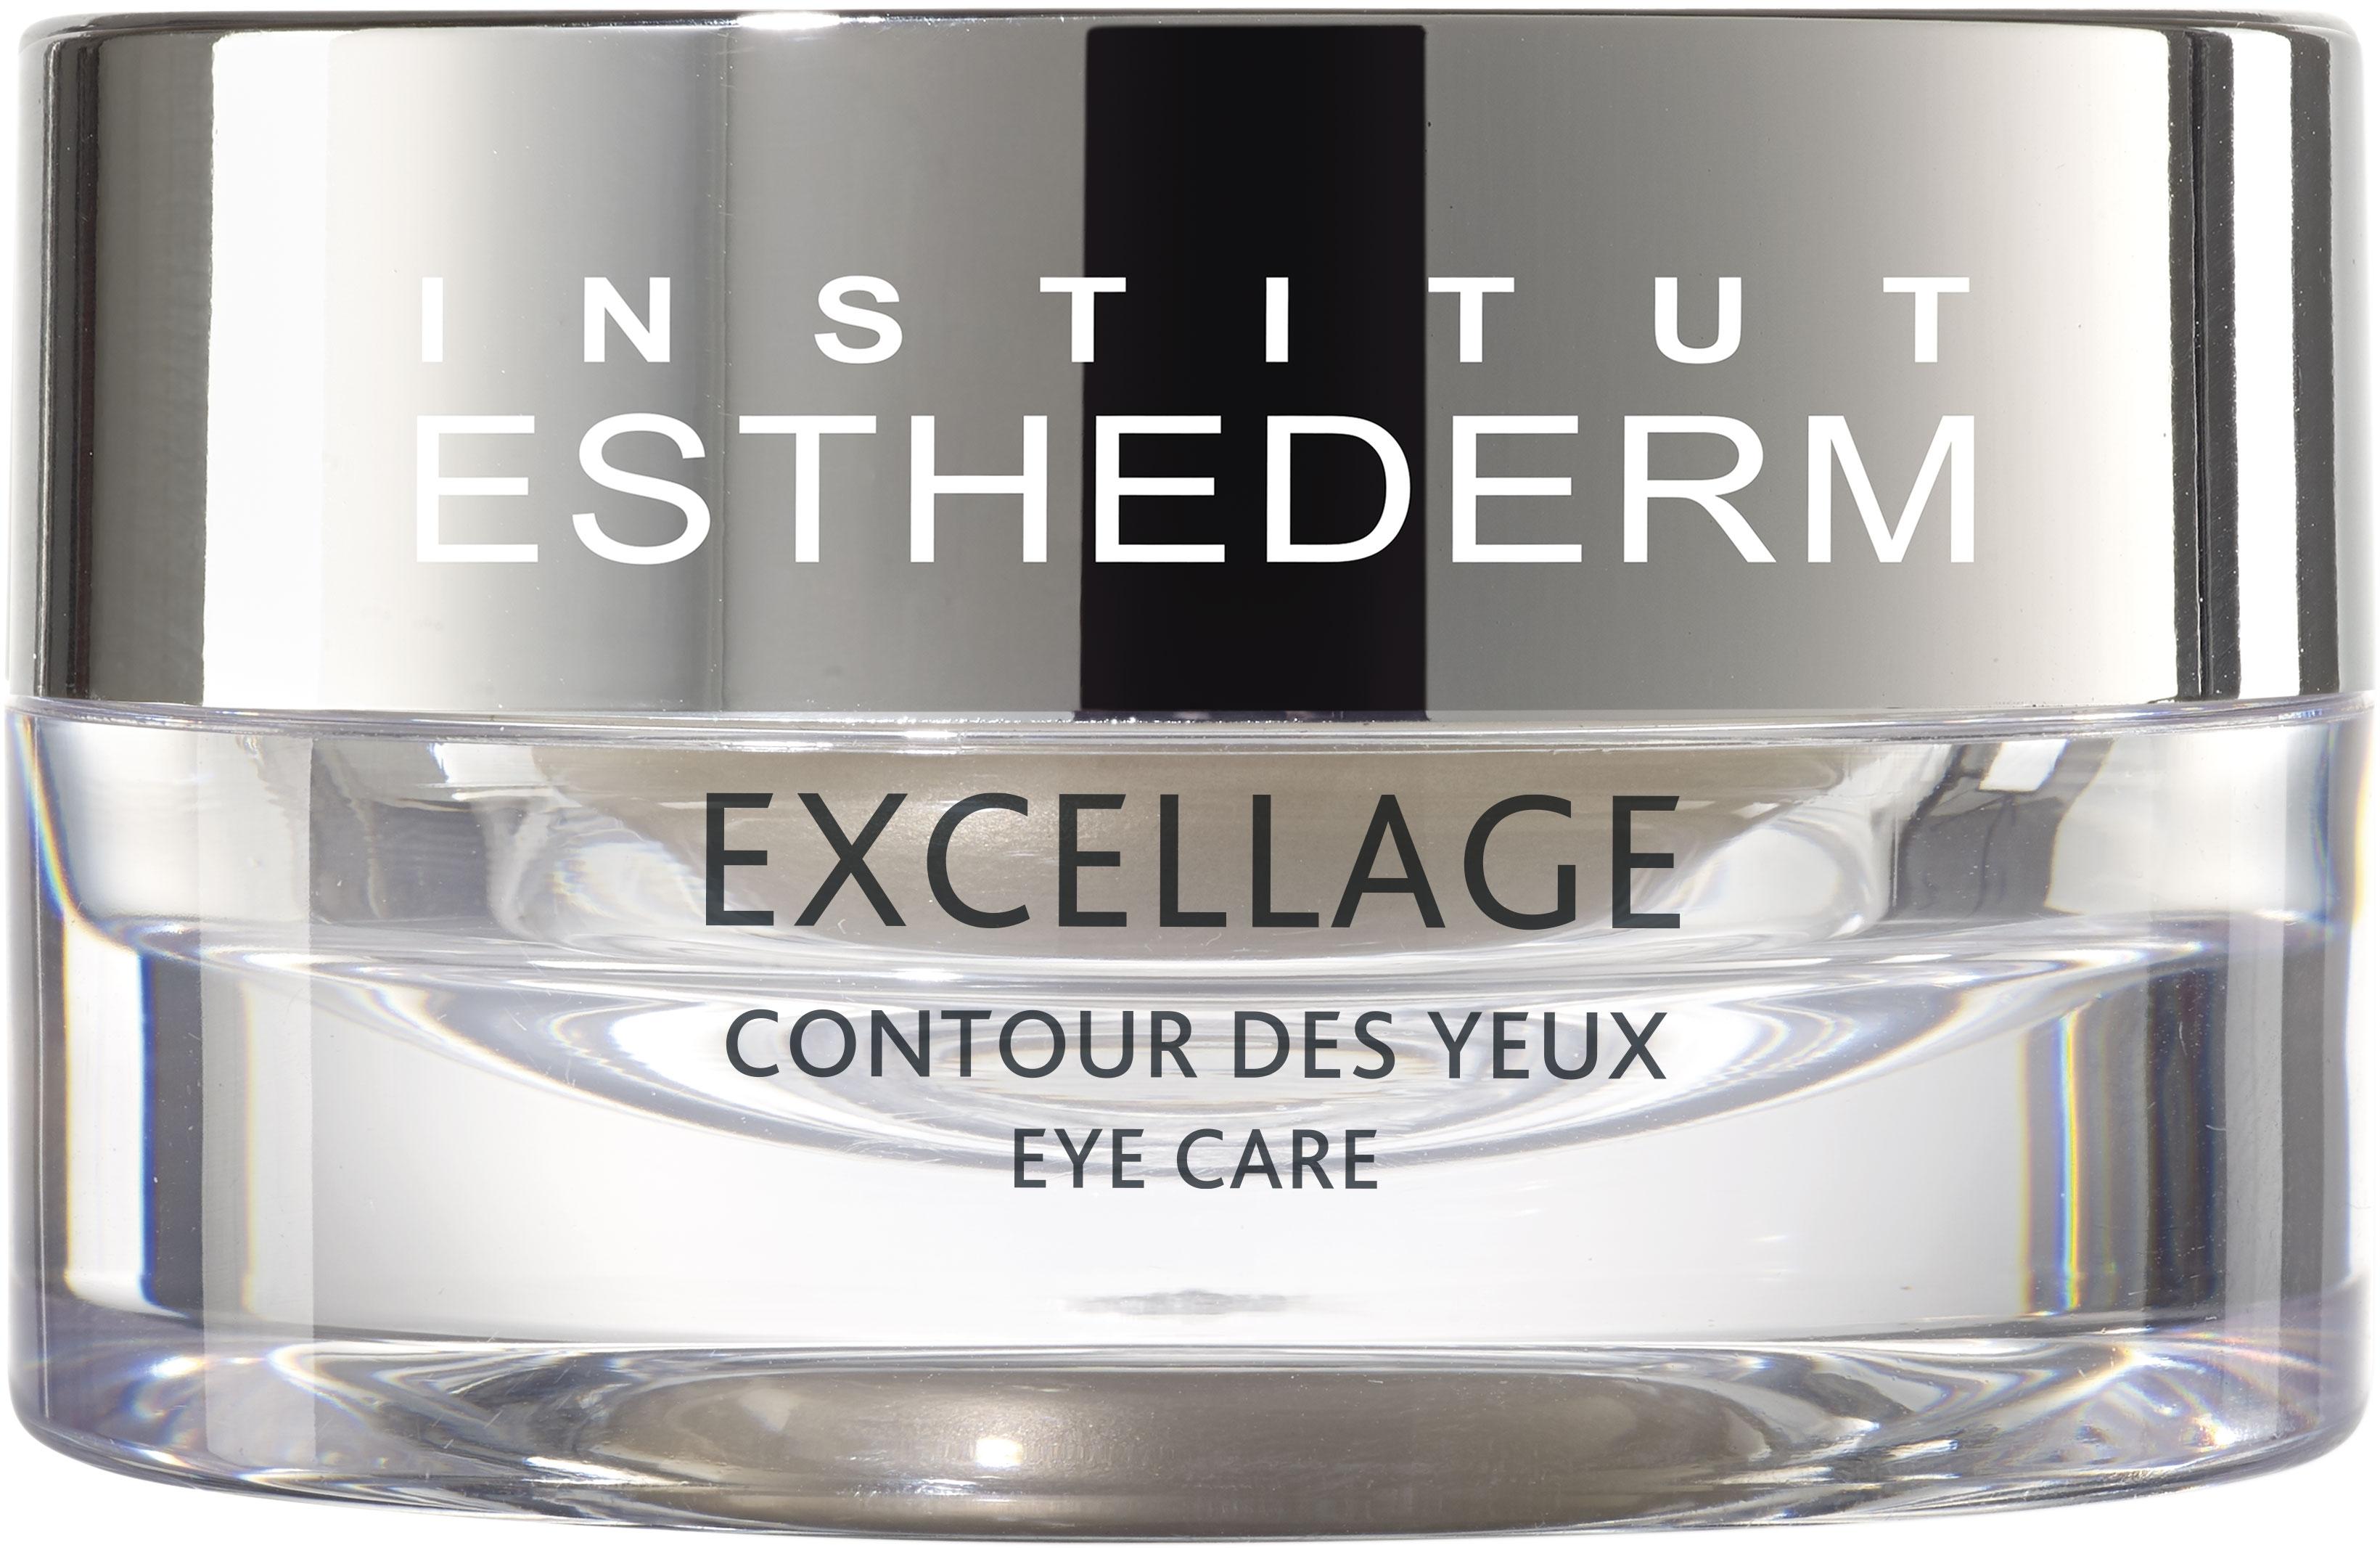 цена на Institut Esthederm Крем Excellage Contour Des Yeux для Контура Глаз Экселяж, 15 мл